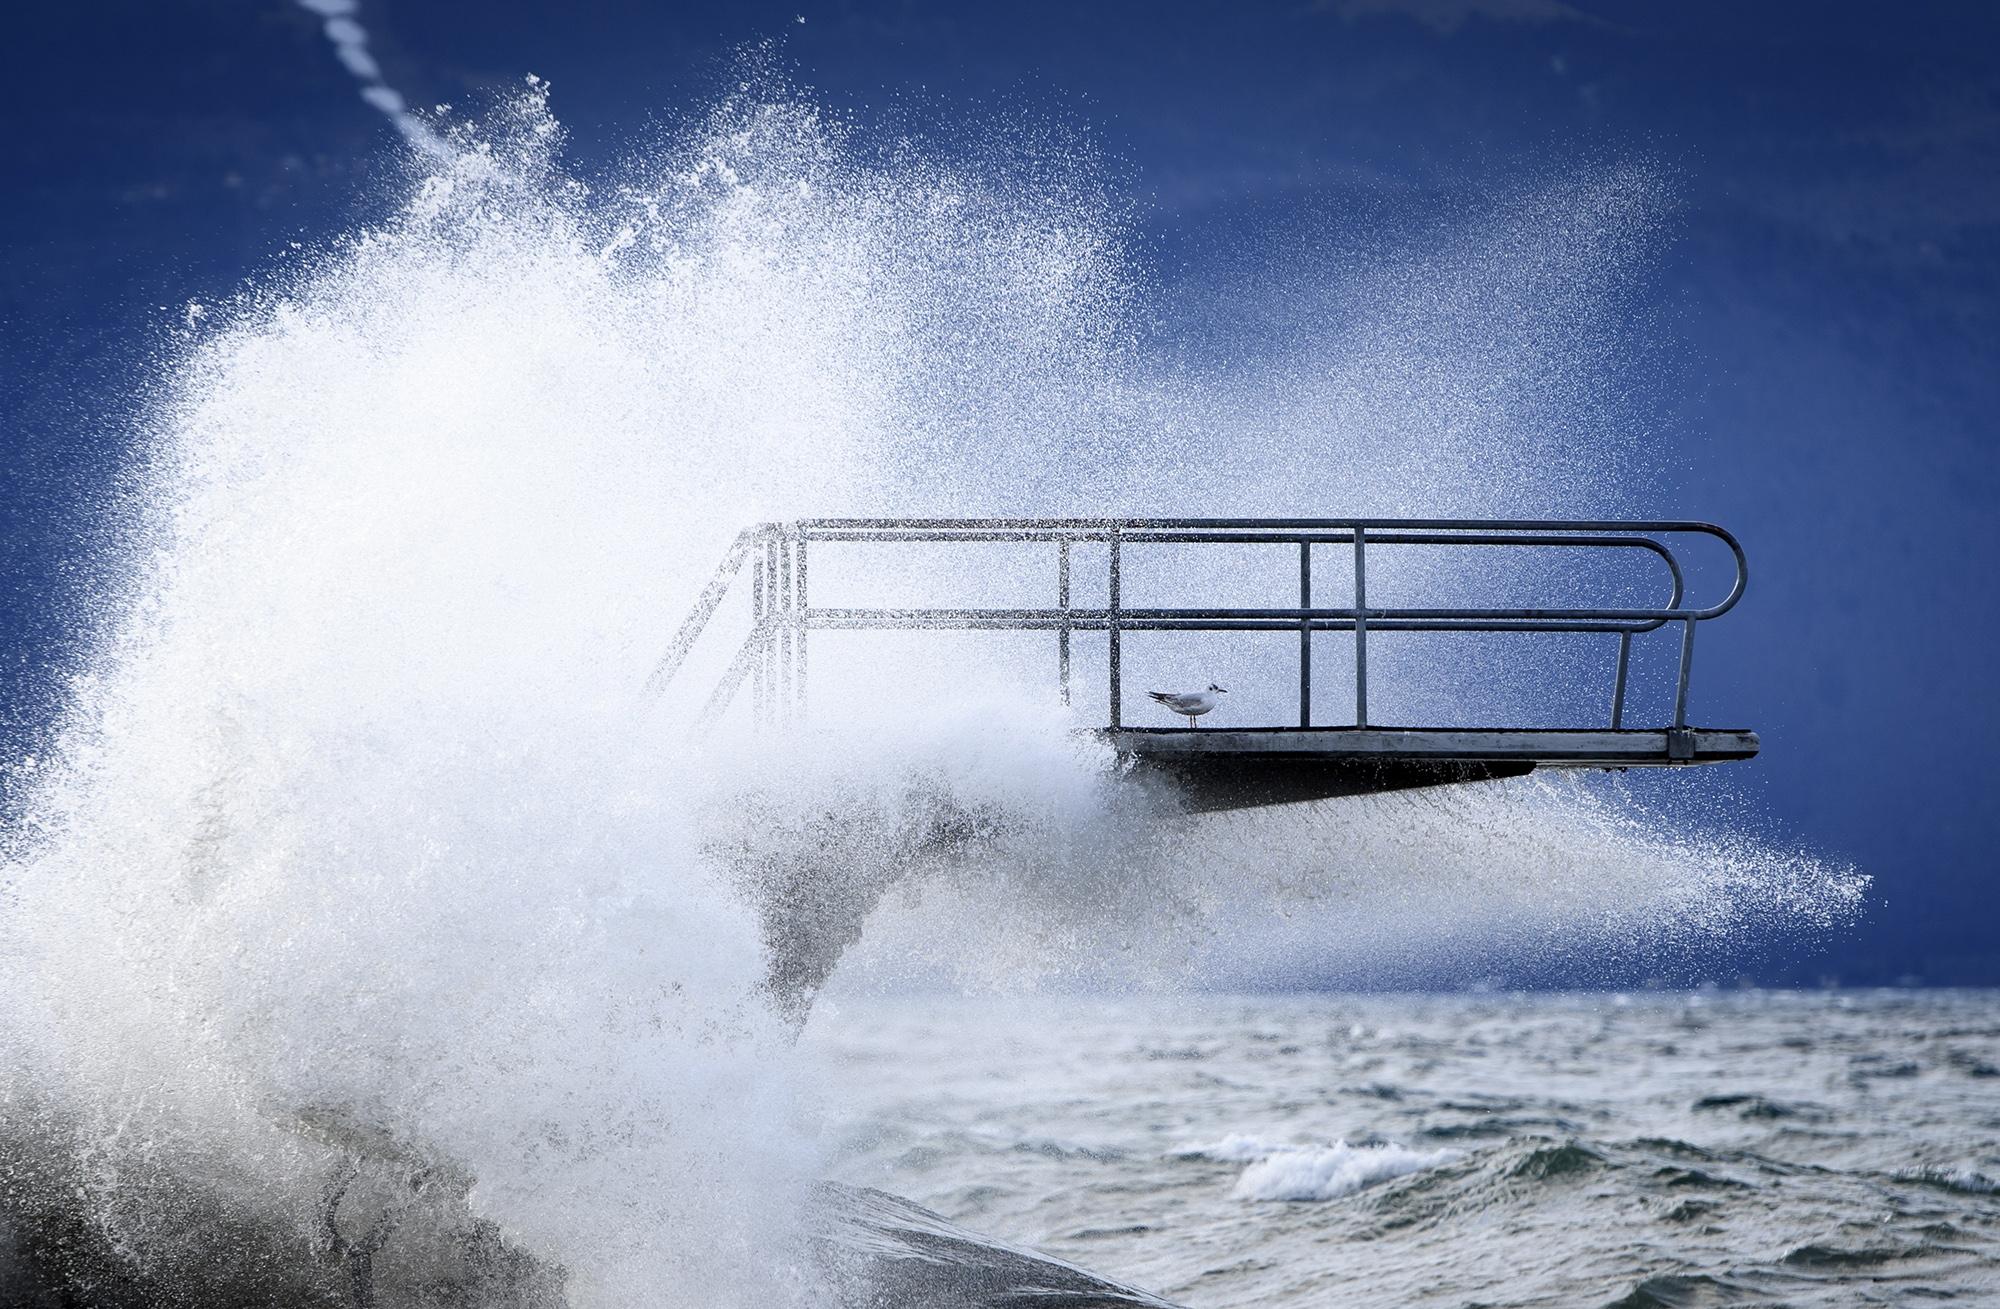 Сильные волны наЖеневском озере, Швейцария